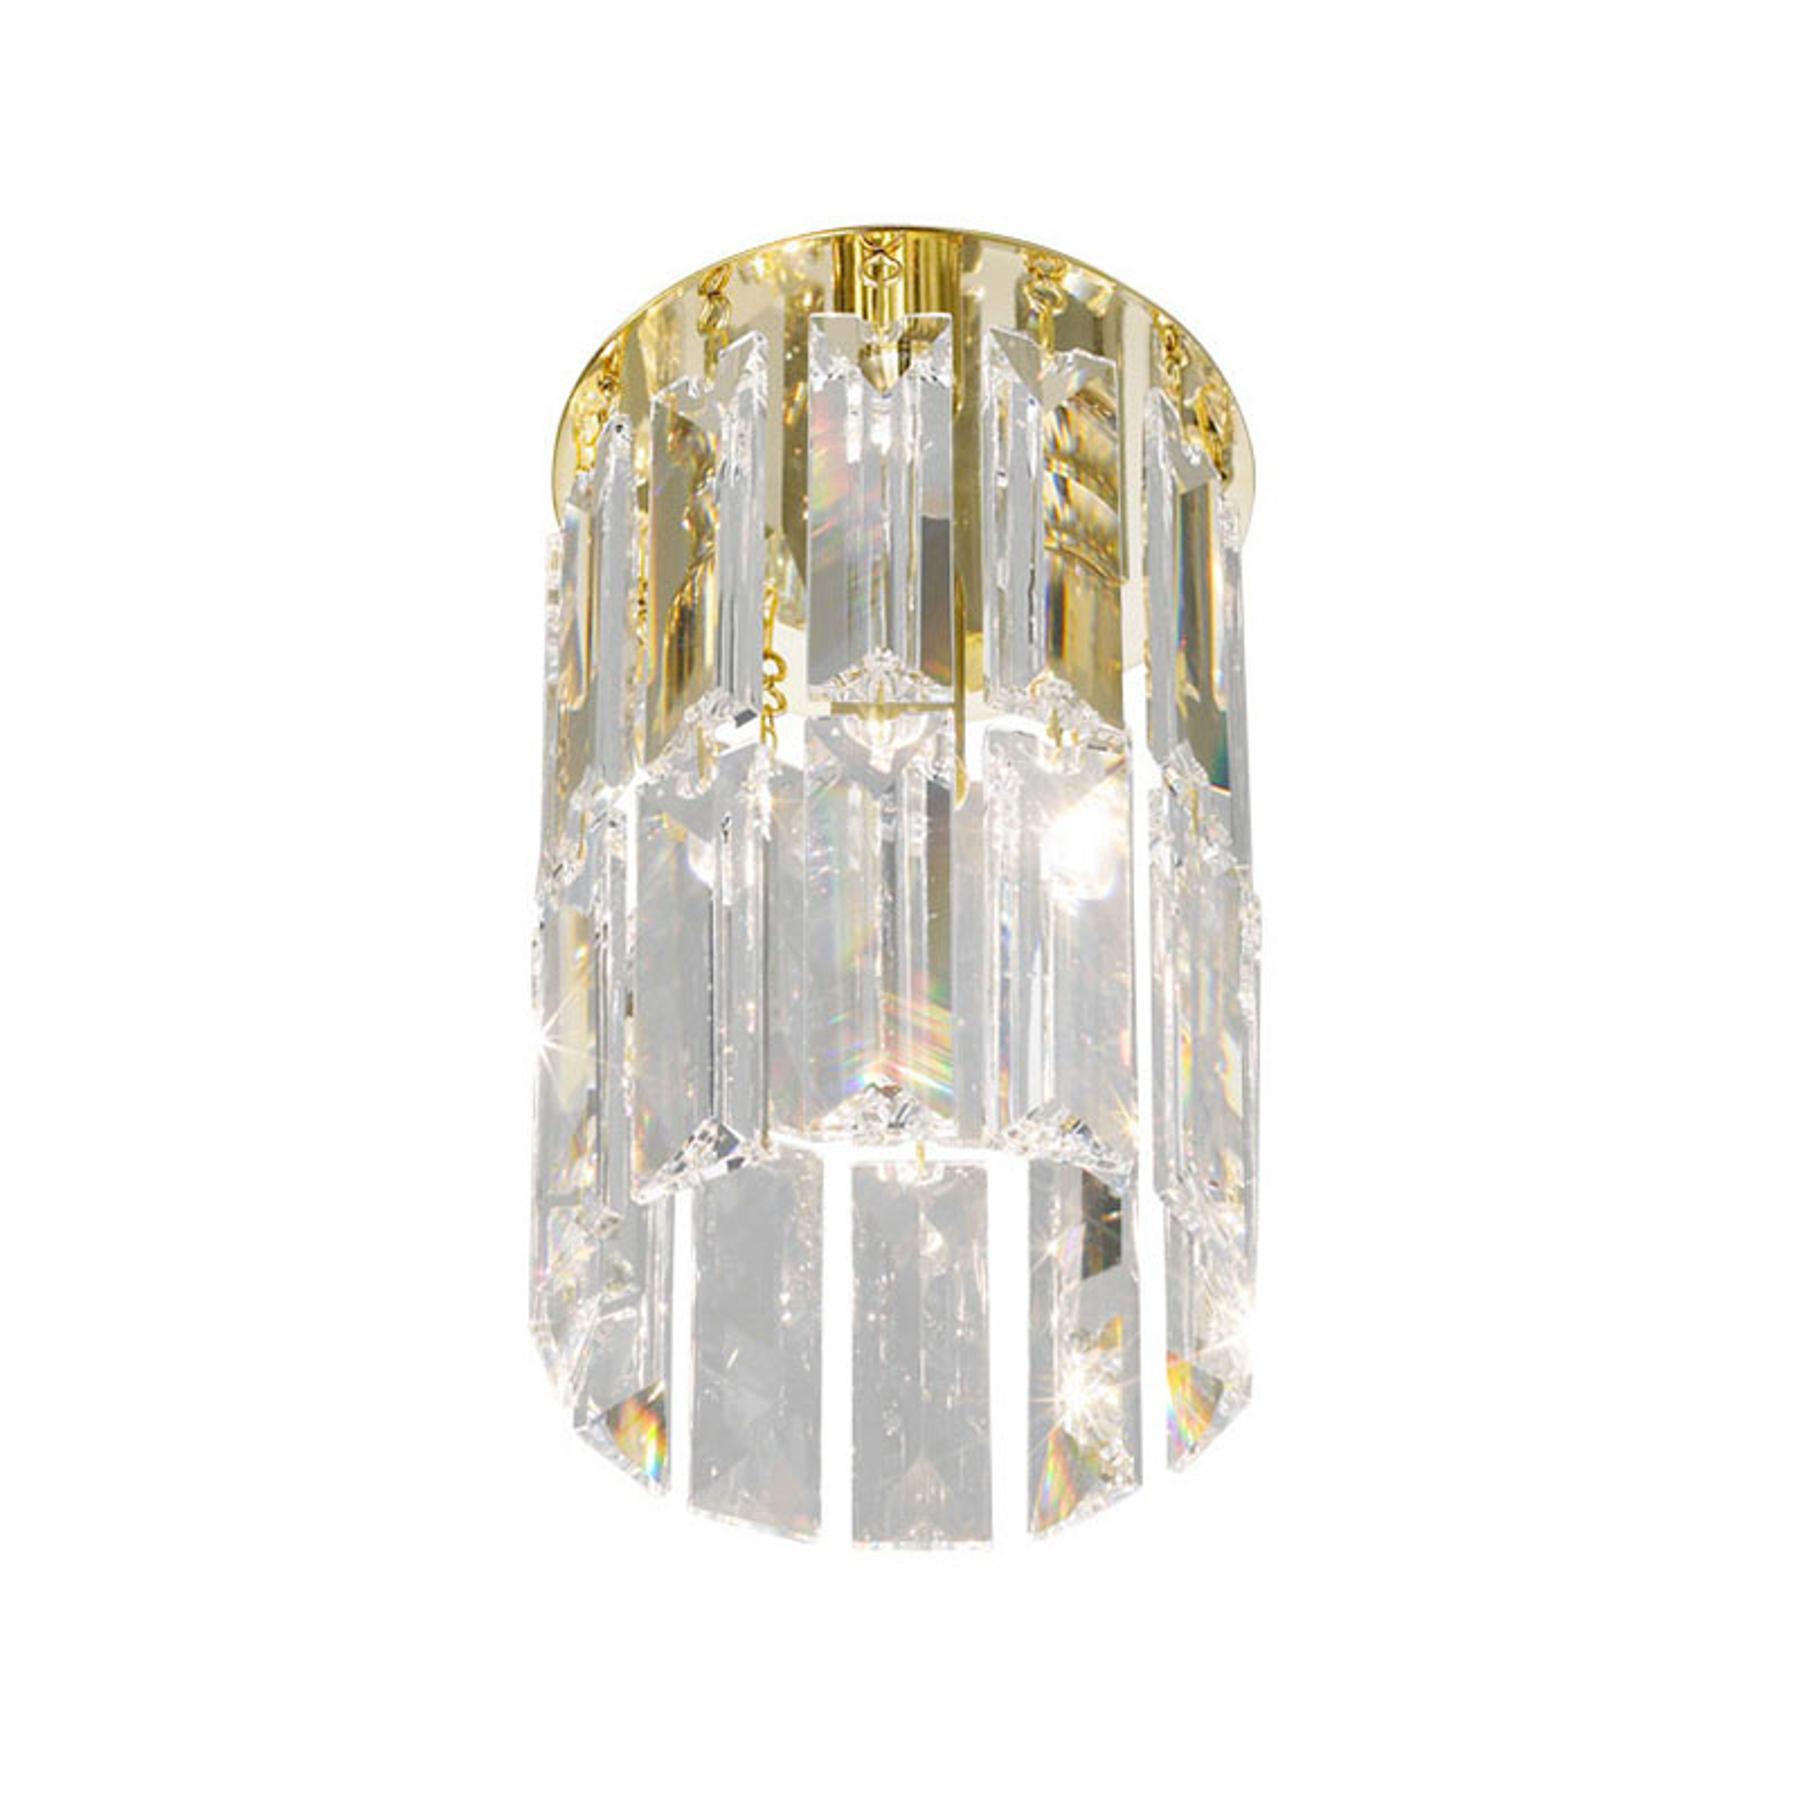 KOLARZ Prisma lampa sufitowa, kryształ złoto 24 kt